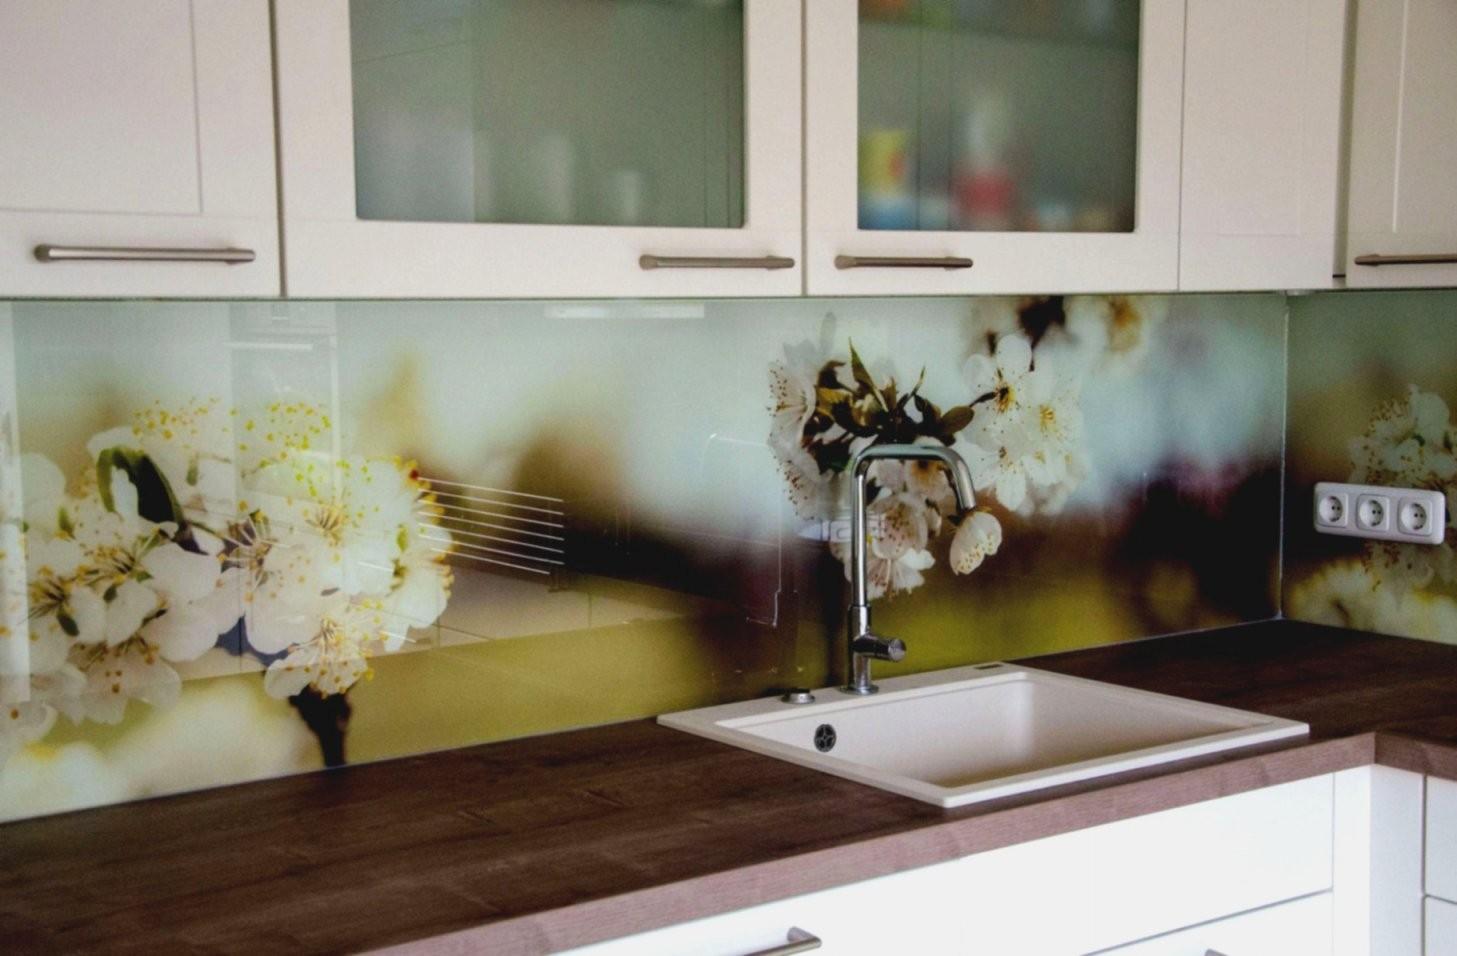 Rückwand Küche Selber Bauen  Küchenlampe Ikea 15 Deko Idee Ideen von Spritzschutz Küche Selber Machen Bild